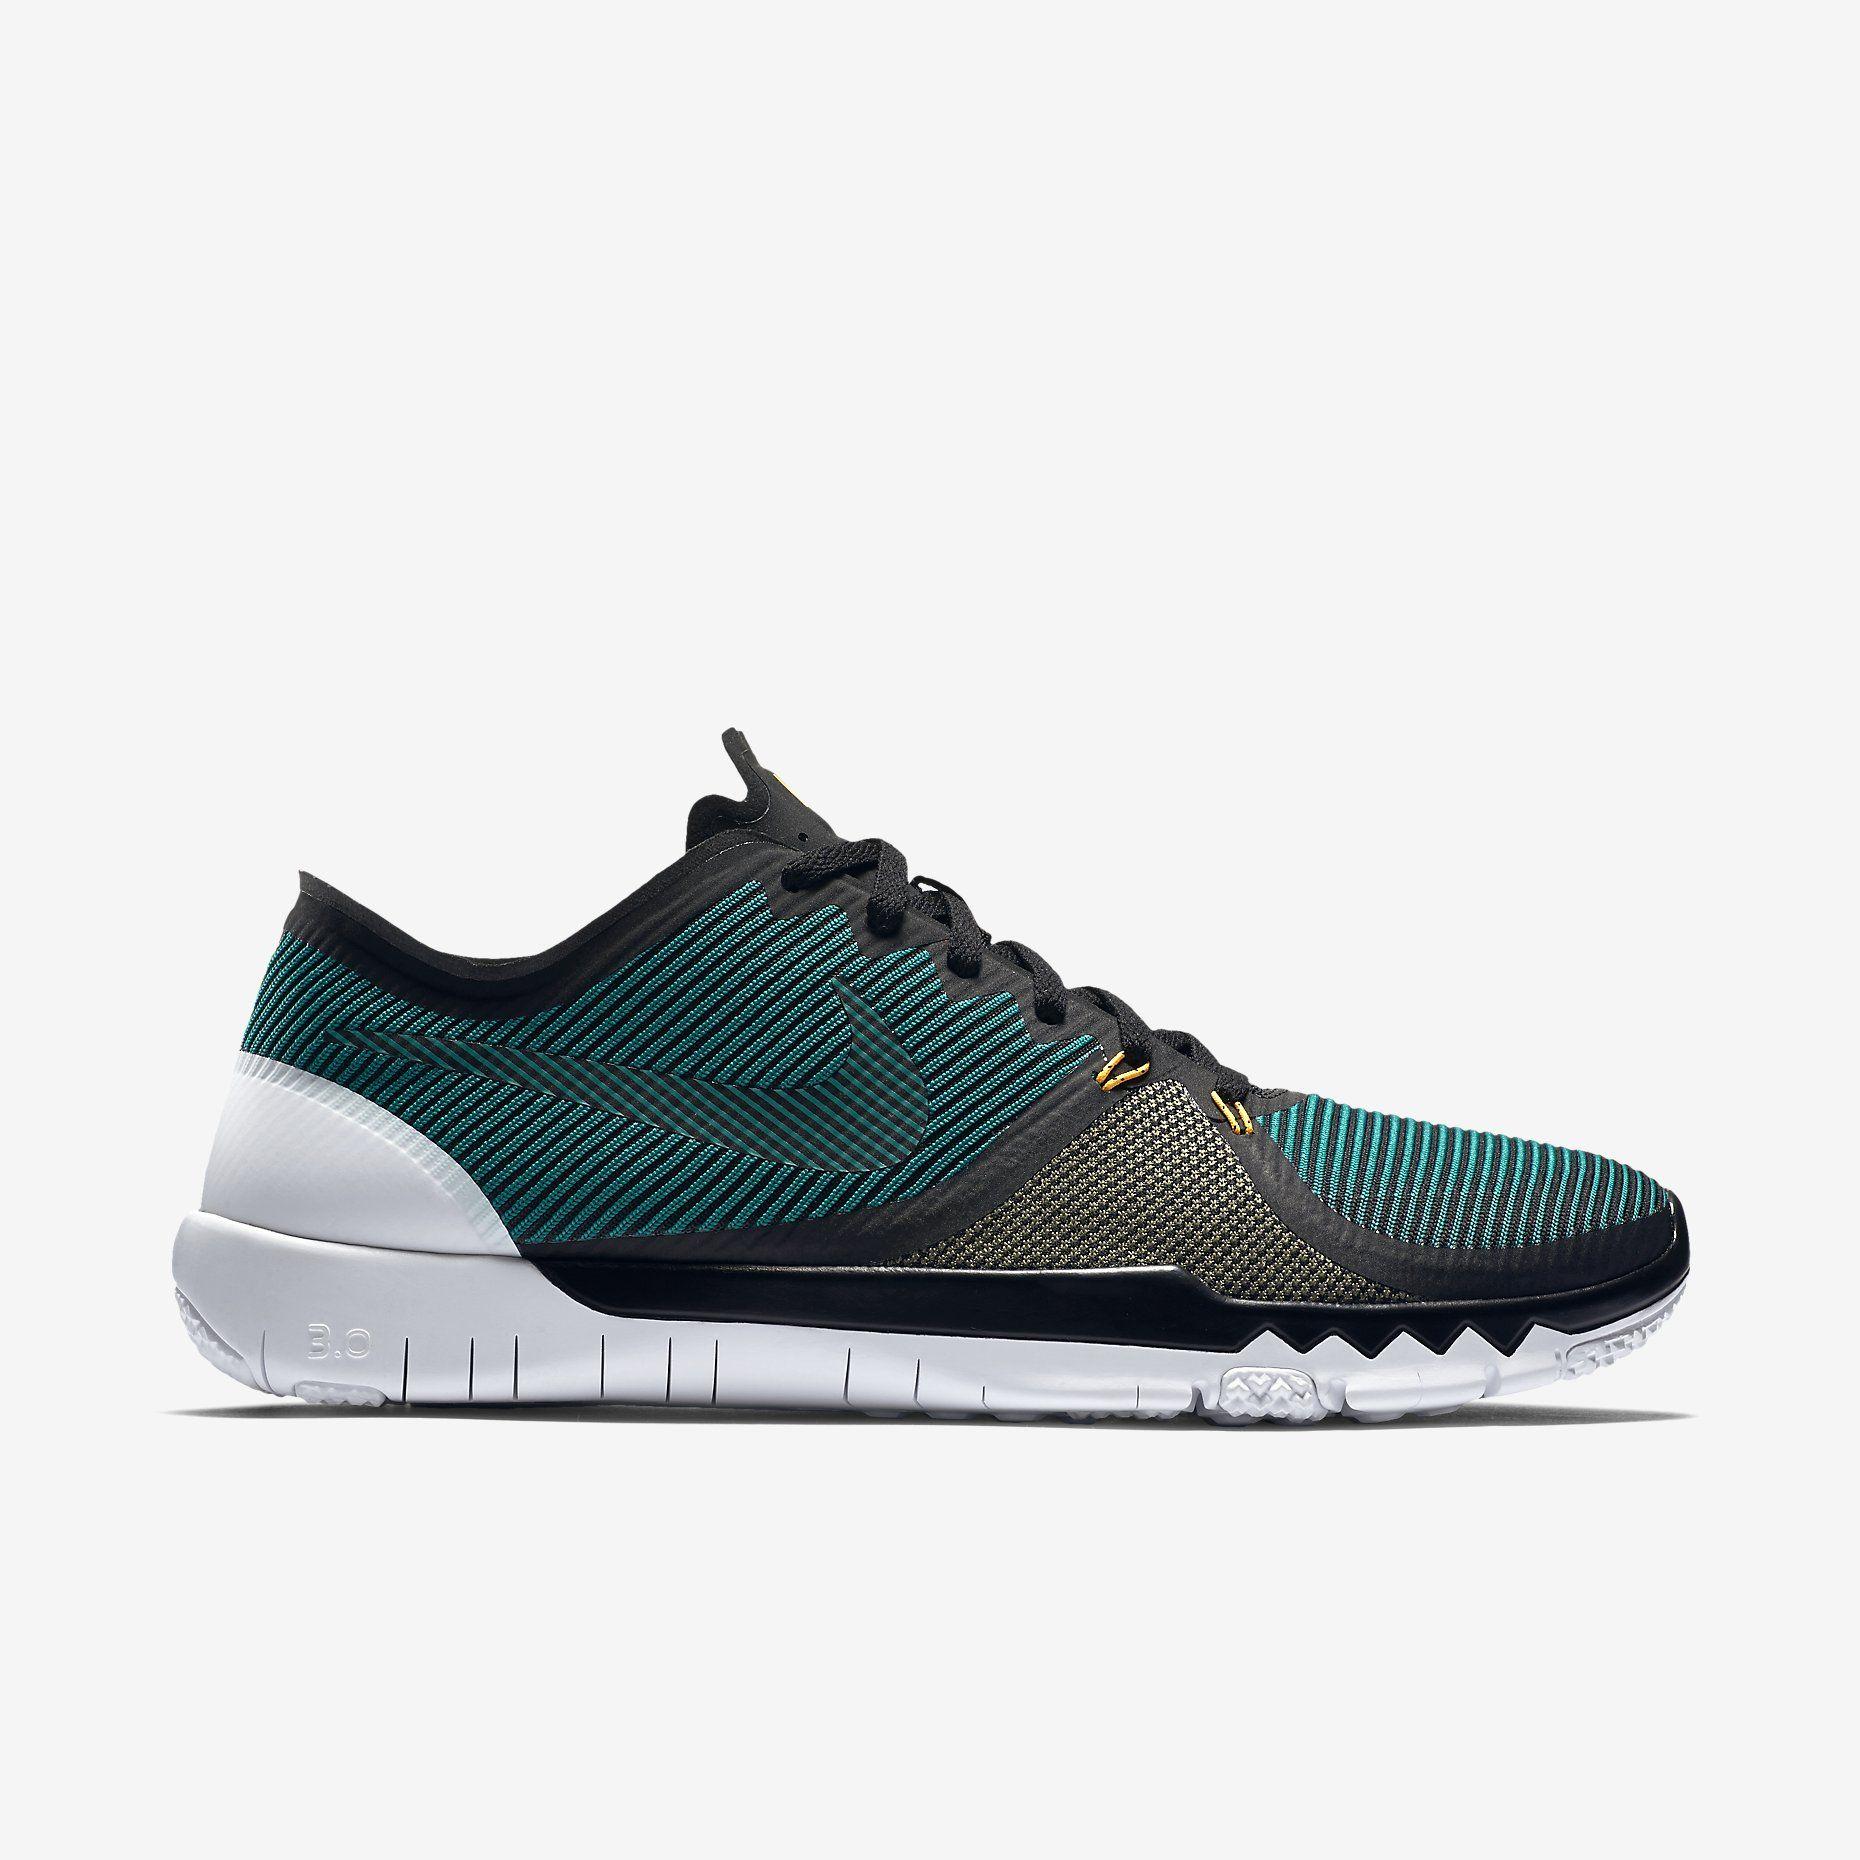 1295ca7d5cf1b Nike Free Trainer 3.0 V4 Men s Training Shoe. Nike.com (PT)